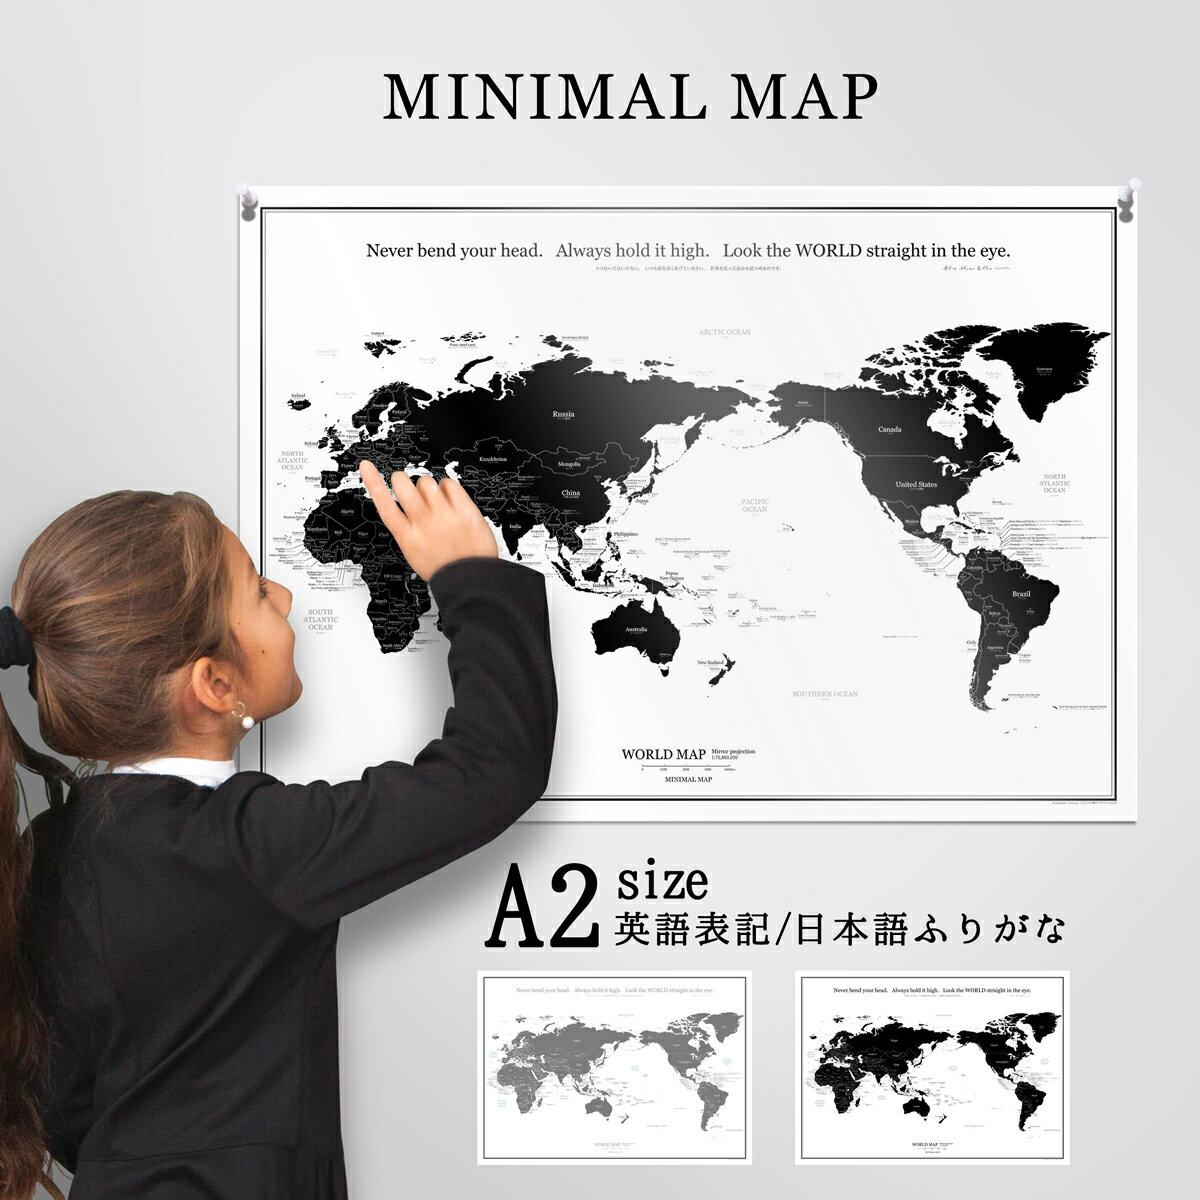 XmasSALE10%OFF!★A2サイズ世界地図ポスター / 英語・日本語表記 / 白×グレー A2サイズ / 楽天 ポイントアップ クリスマス ギフト Xmas プレゼント